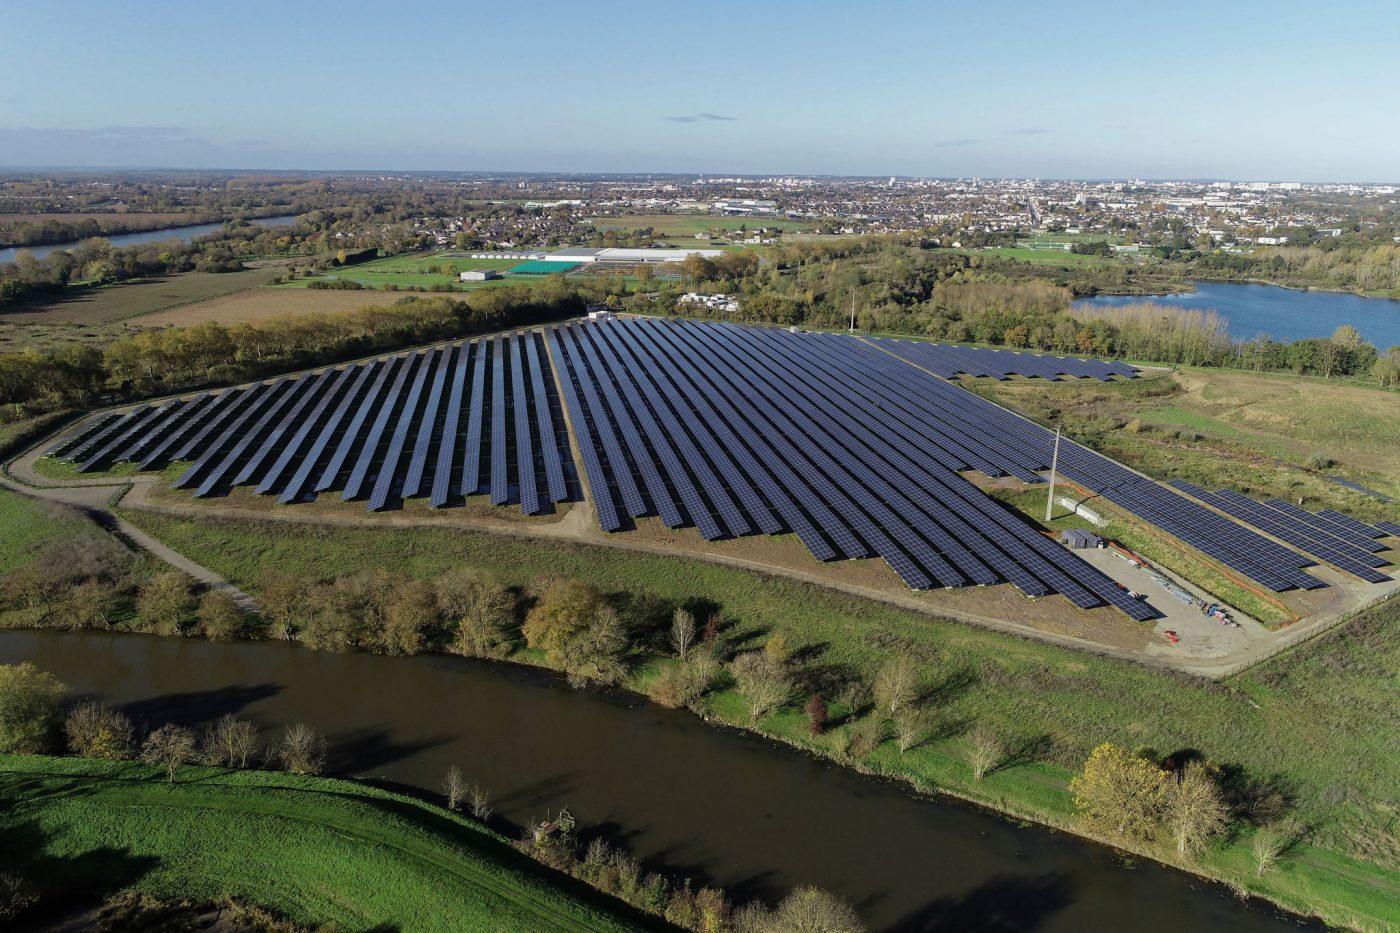 La centrale solaire de la Petite Vicomté, co-financée par Energie Partagée (Crédit photo : Christophe Guérin)